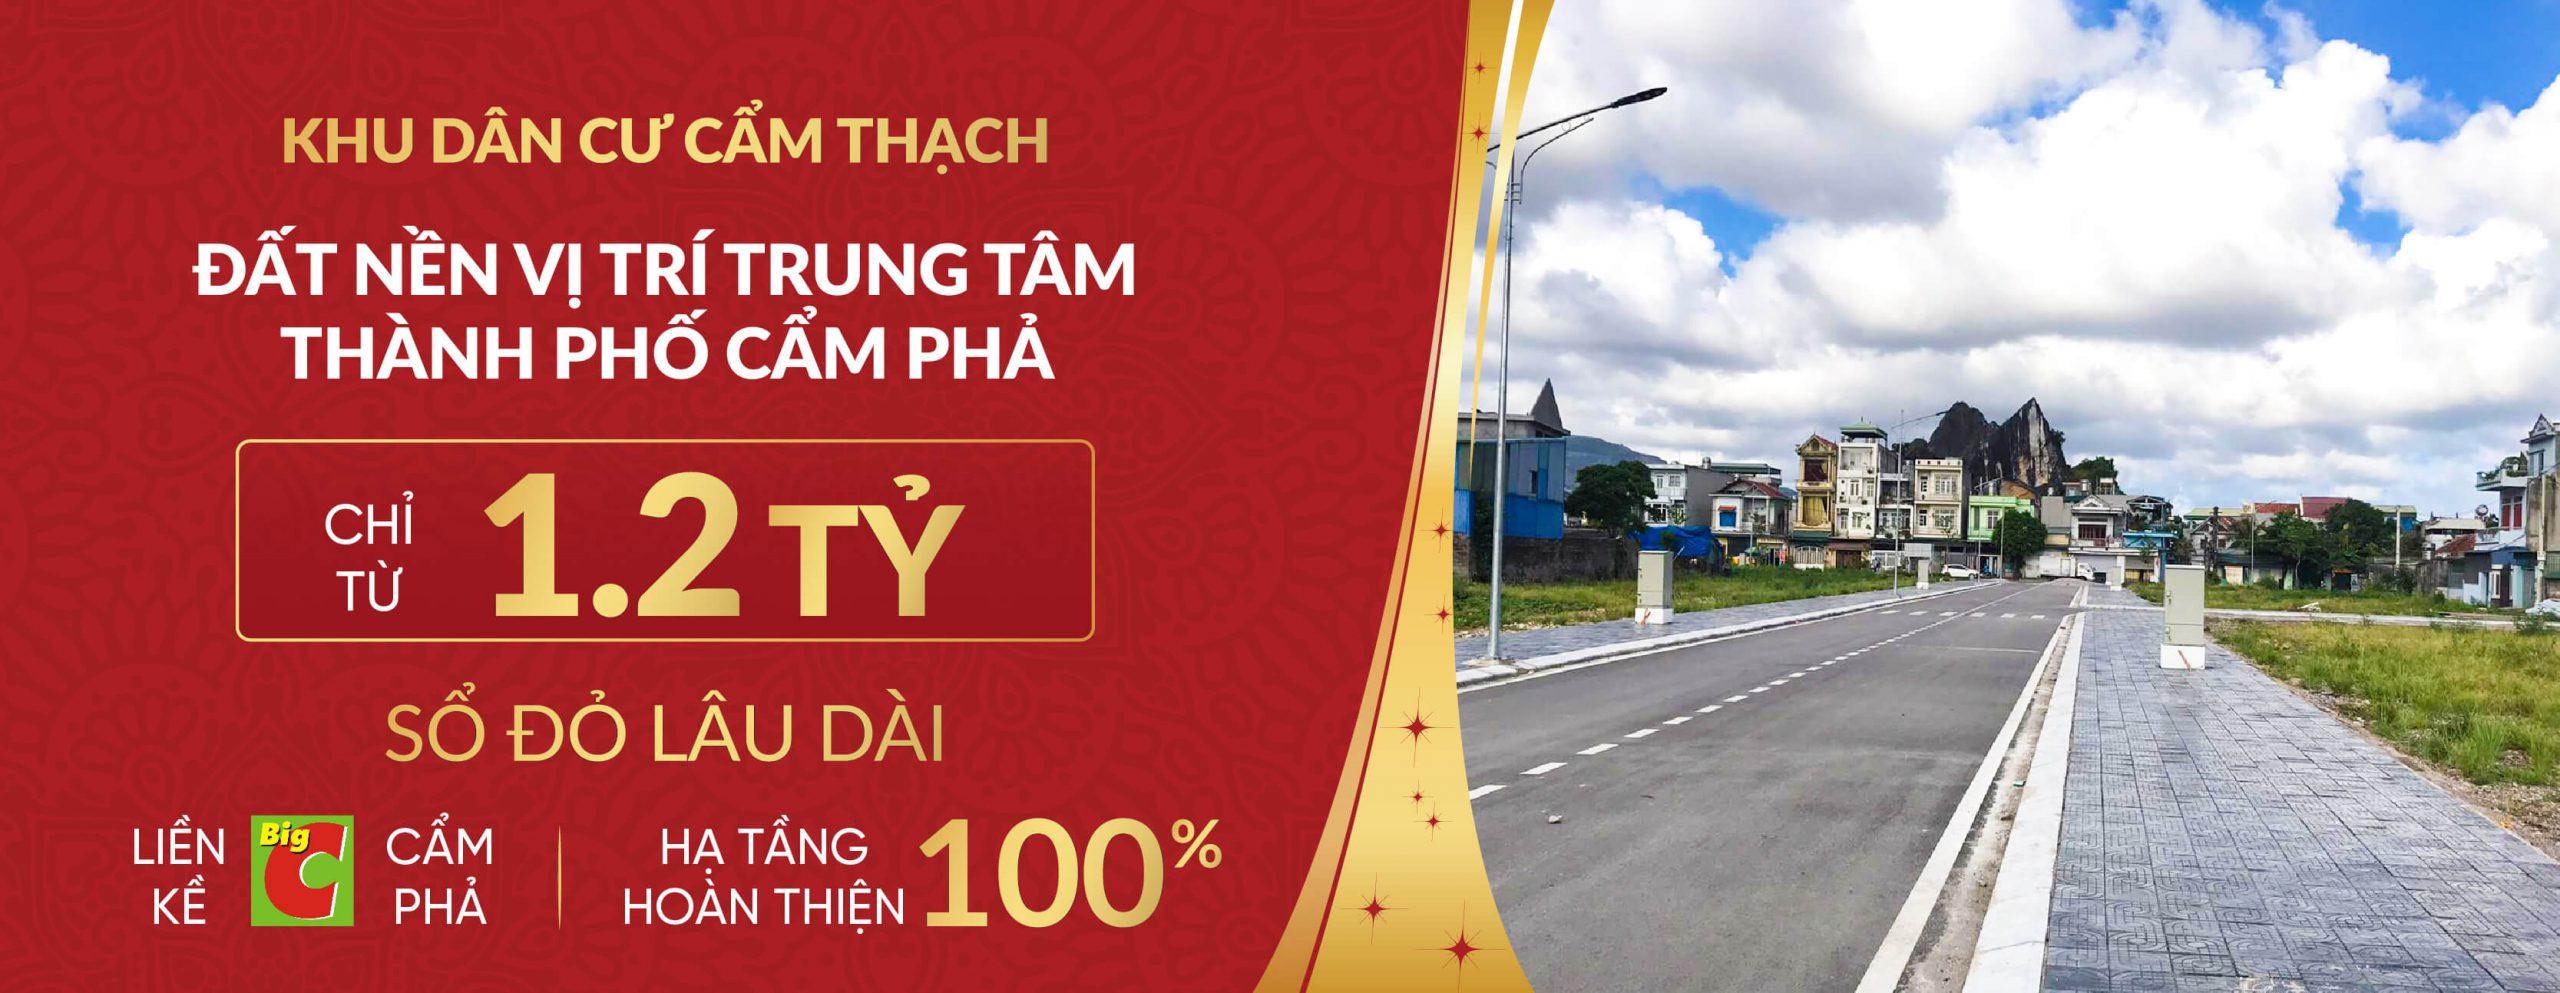 banner khu dân cư cẩm thạch residence